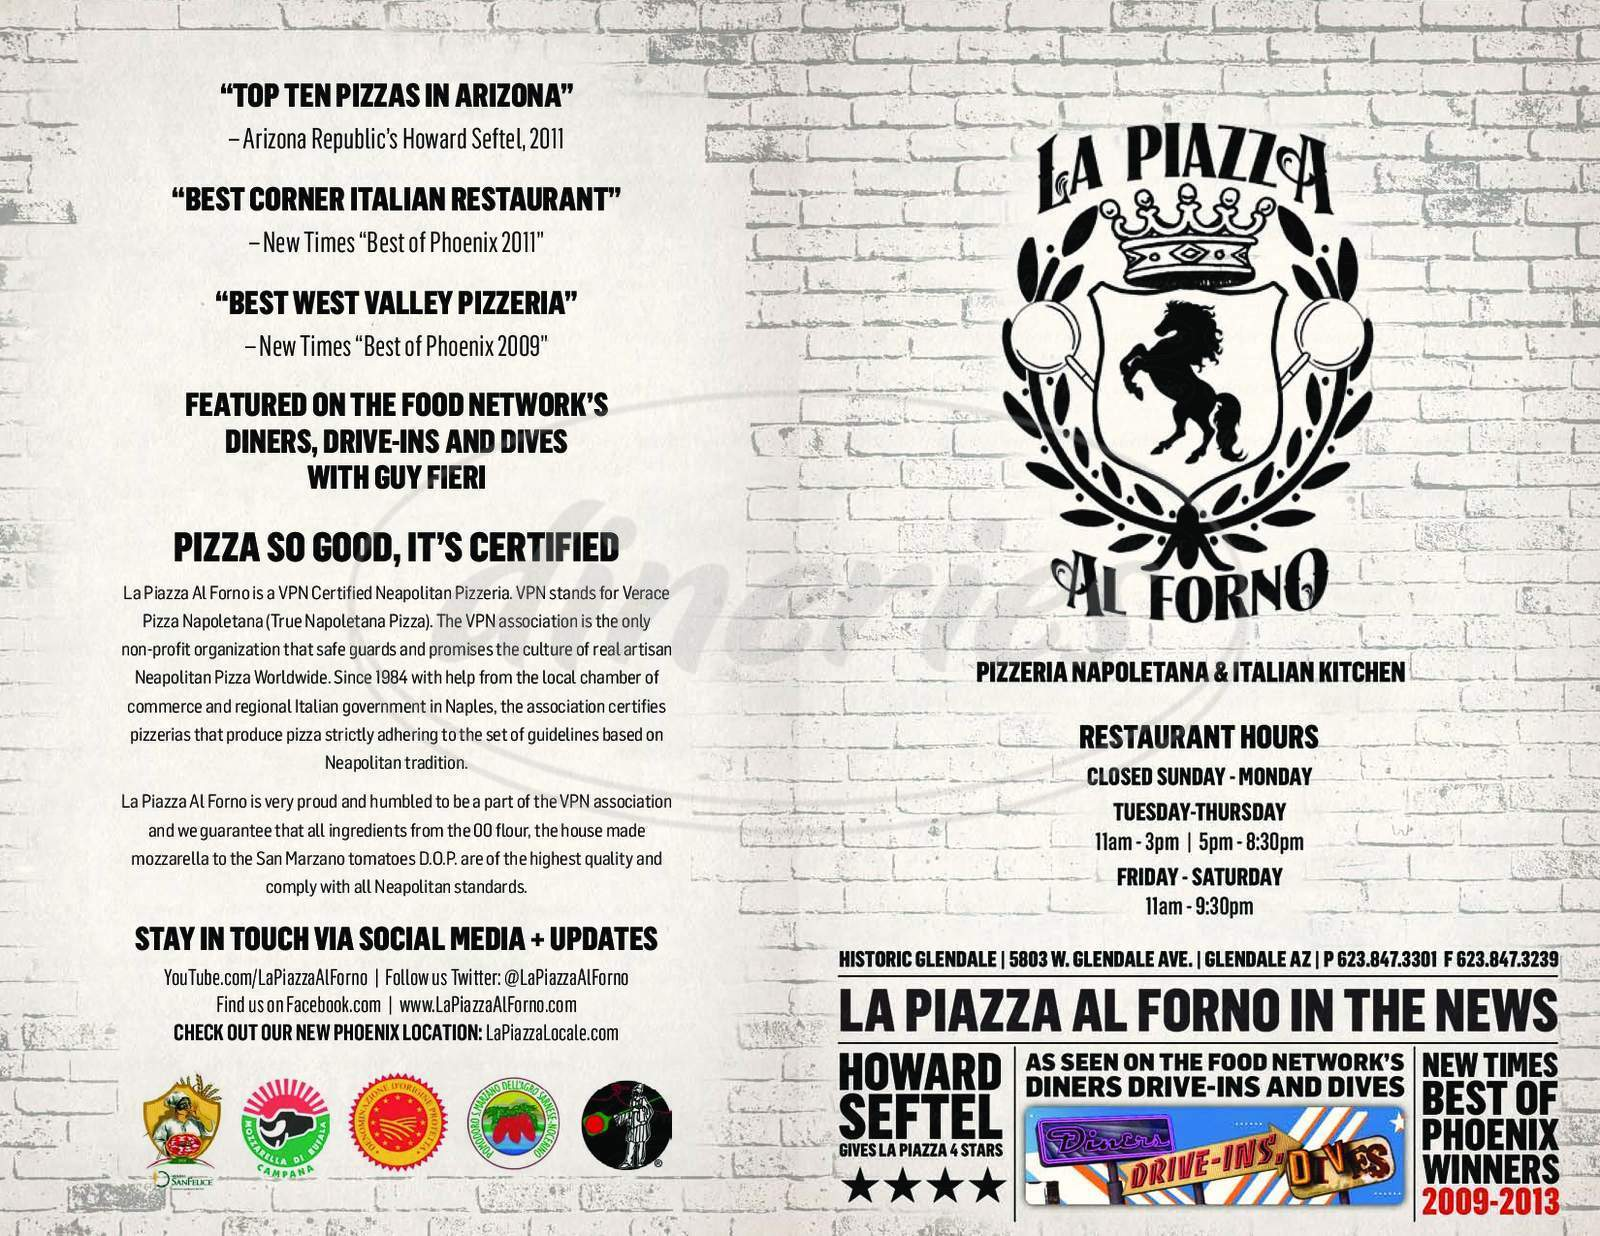 menu for La Piazza al Forno